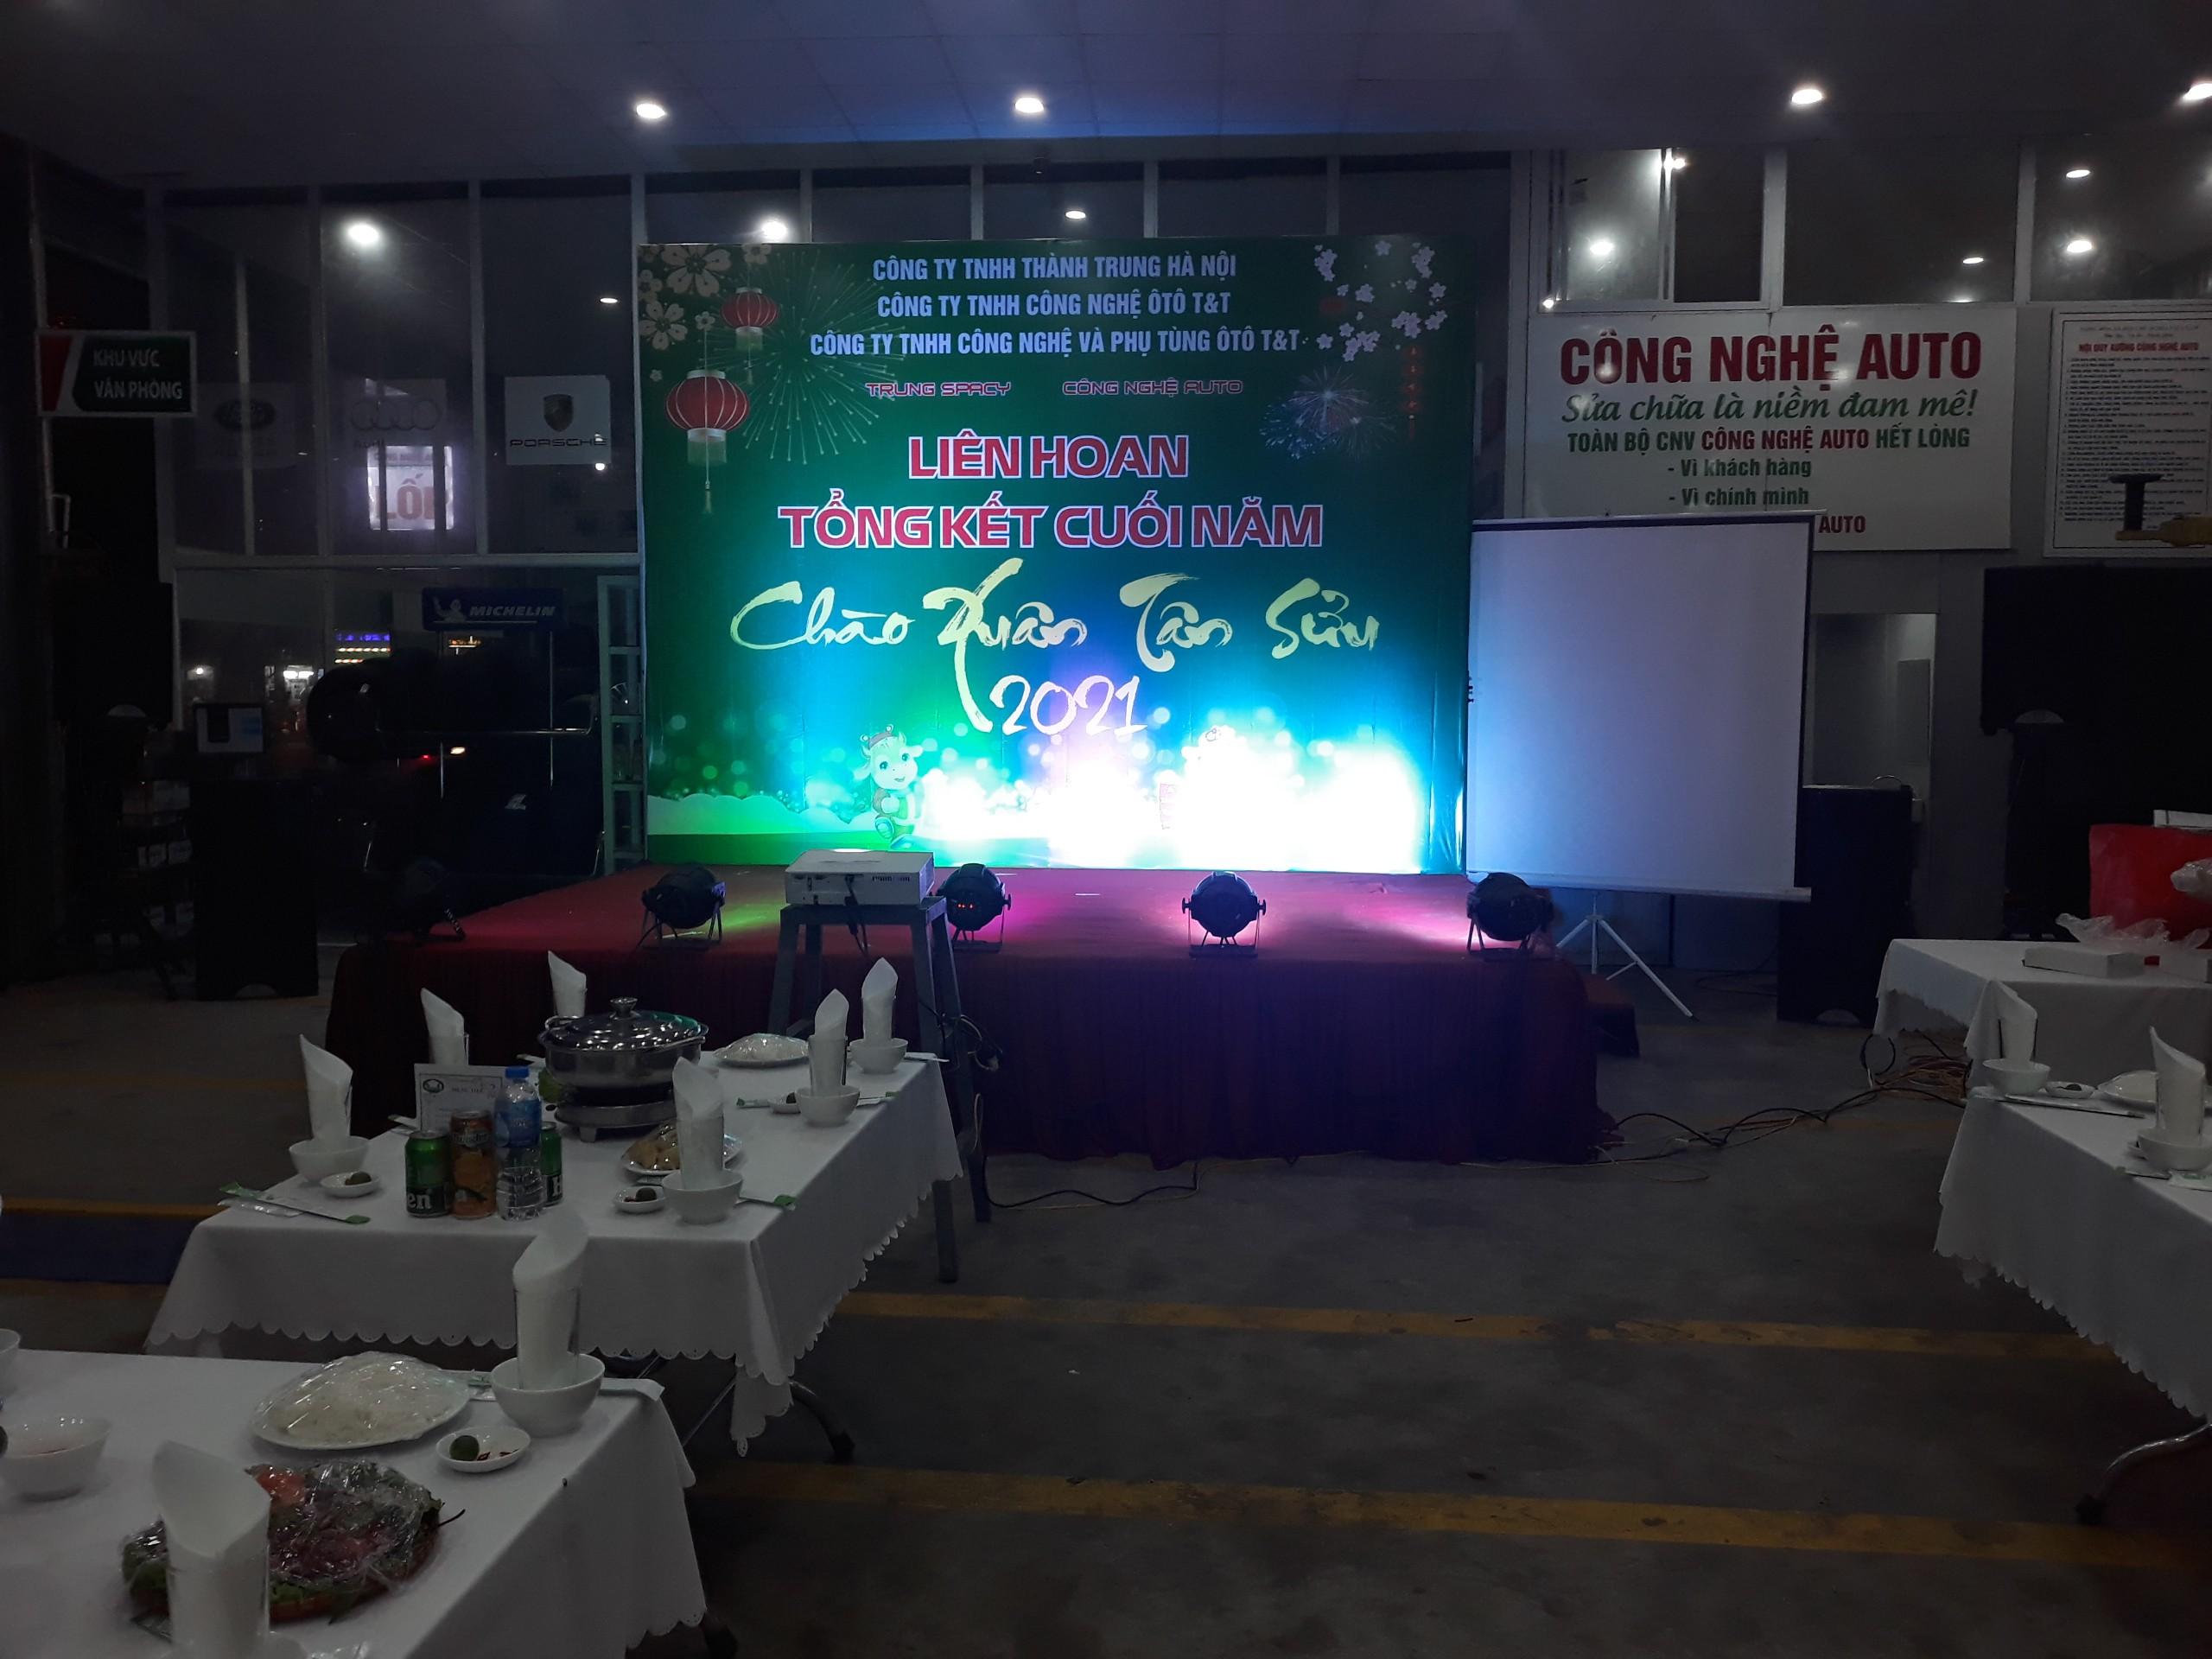 Thuê âm thanh ánh sáng tại Hà Nội